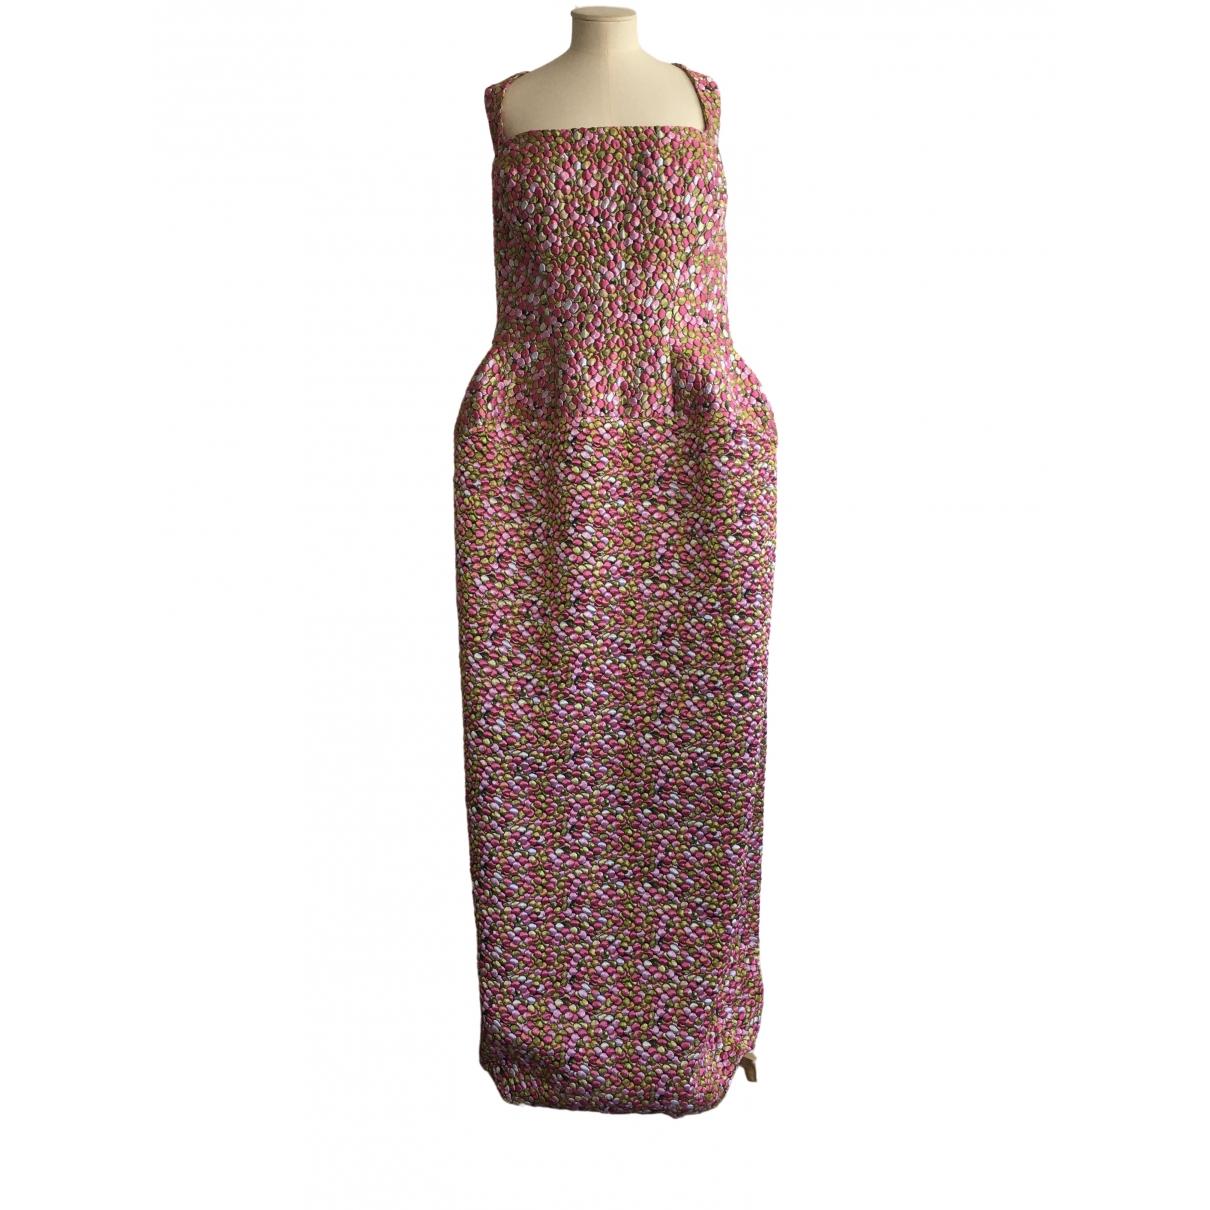 Zac Posen \N Pink dress for Women 14-16 US